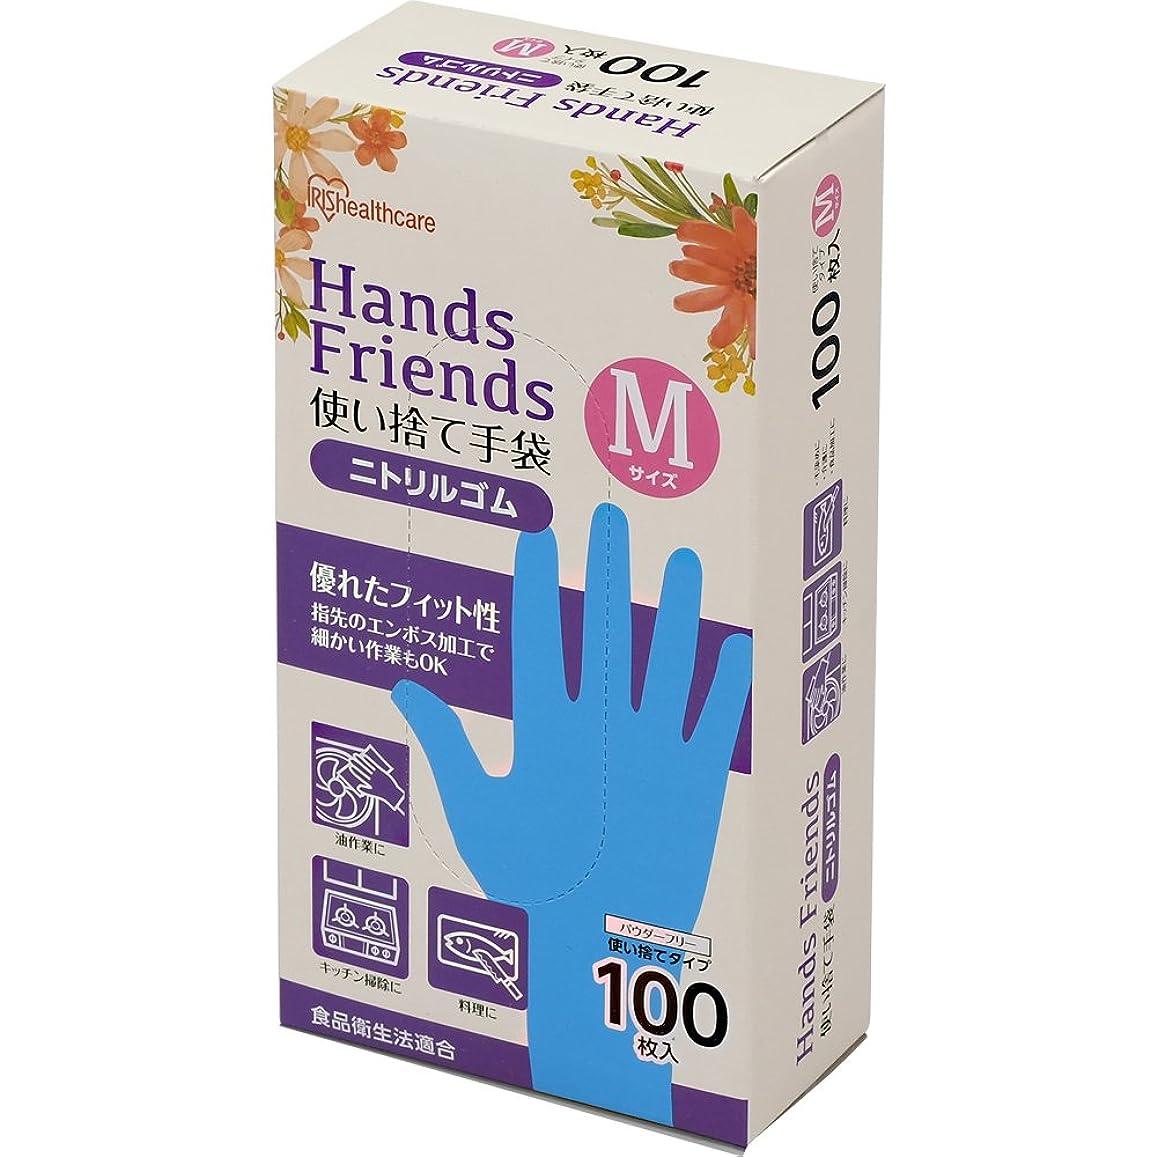 モディッシュチップ直感使い捨て手袋 ブルー ニトリルゴム 100枚 Mサイズ NBR-100M